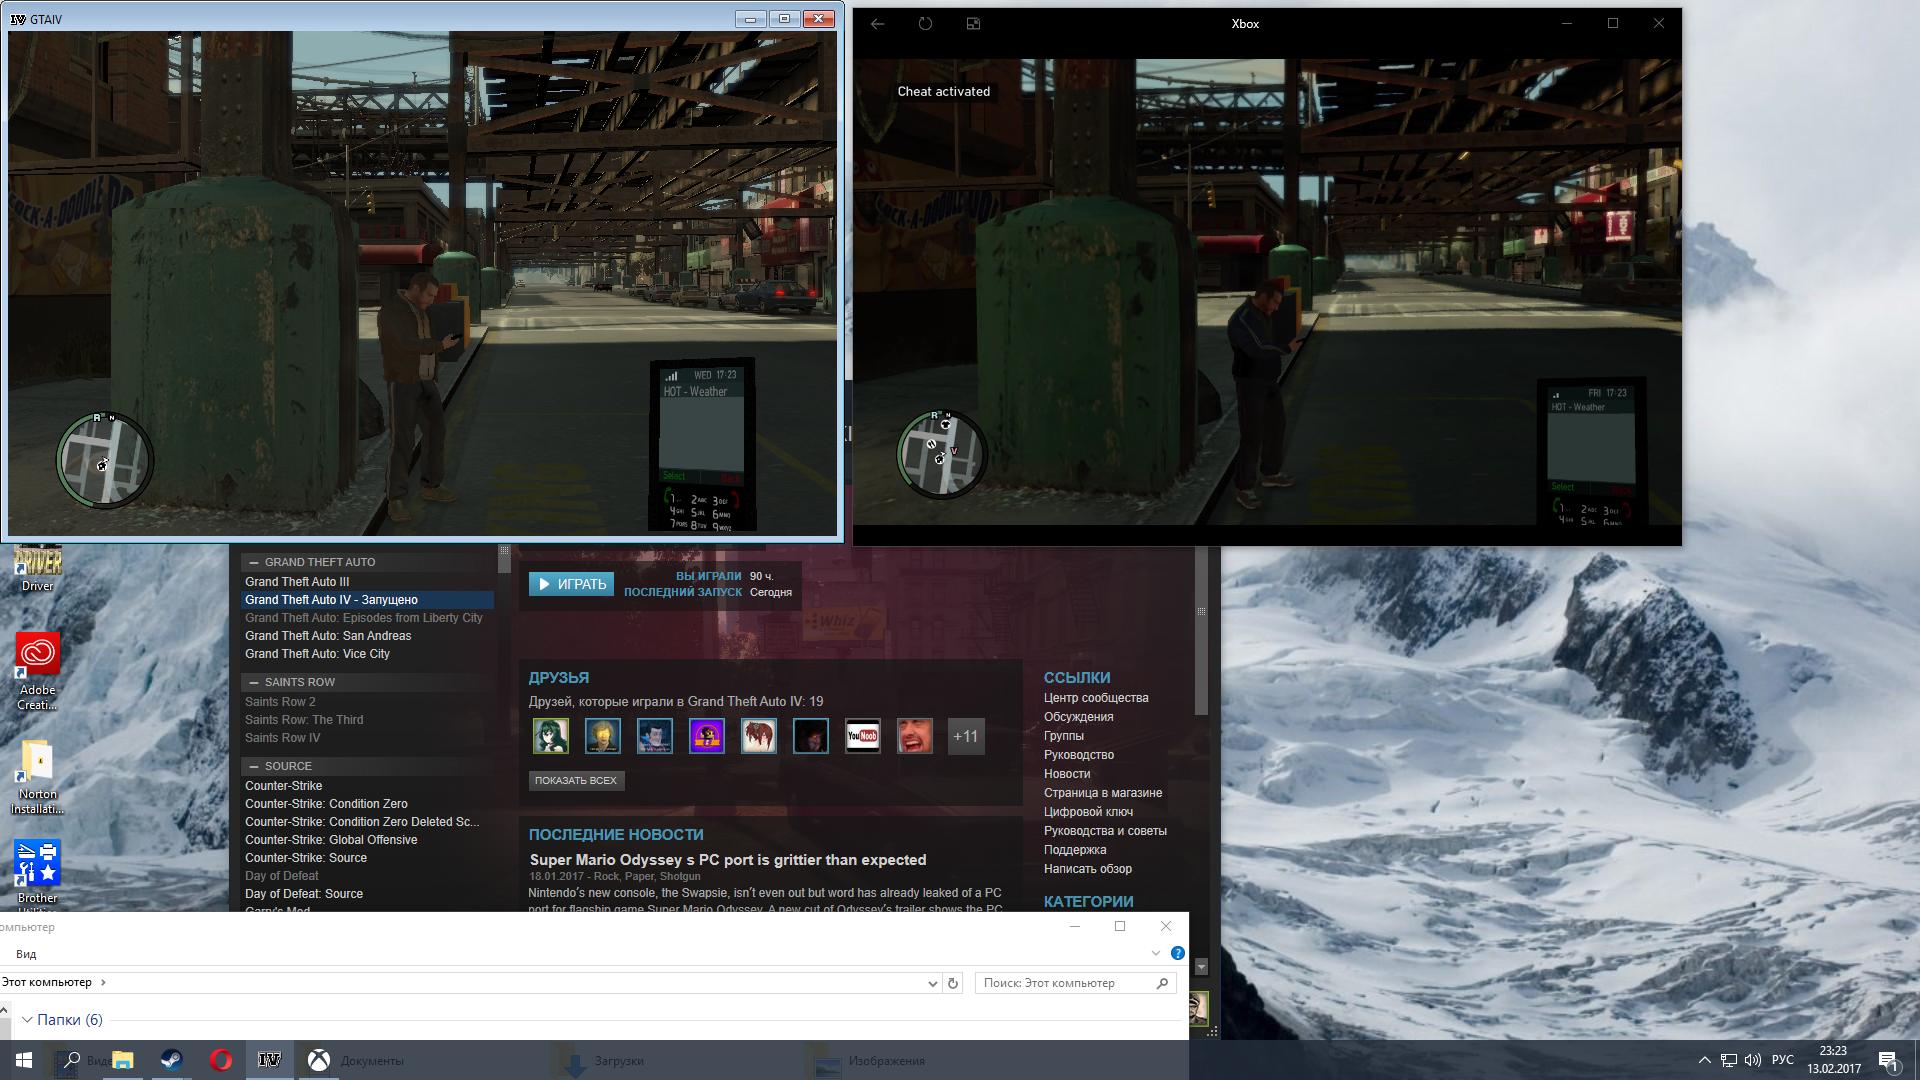 Graphical comparison of GTA IV: Xbox 360 vs. PC (Grand Theft Auto 4)